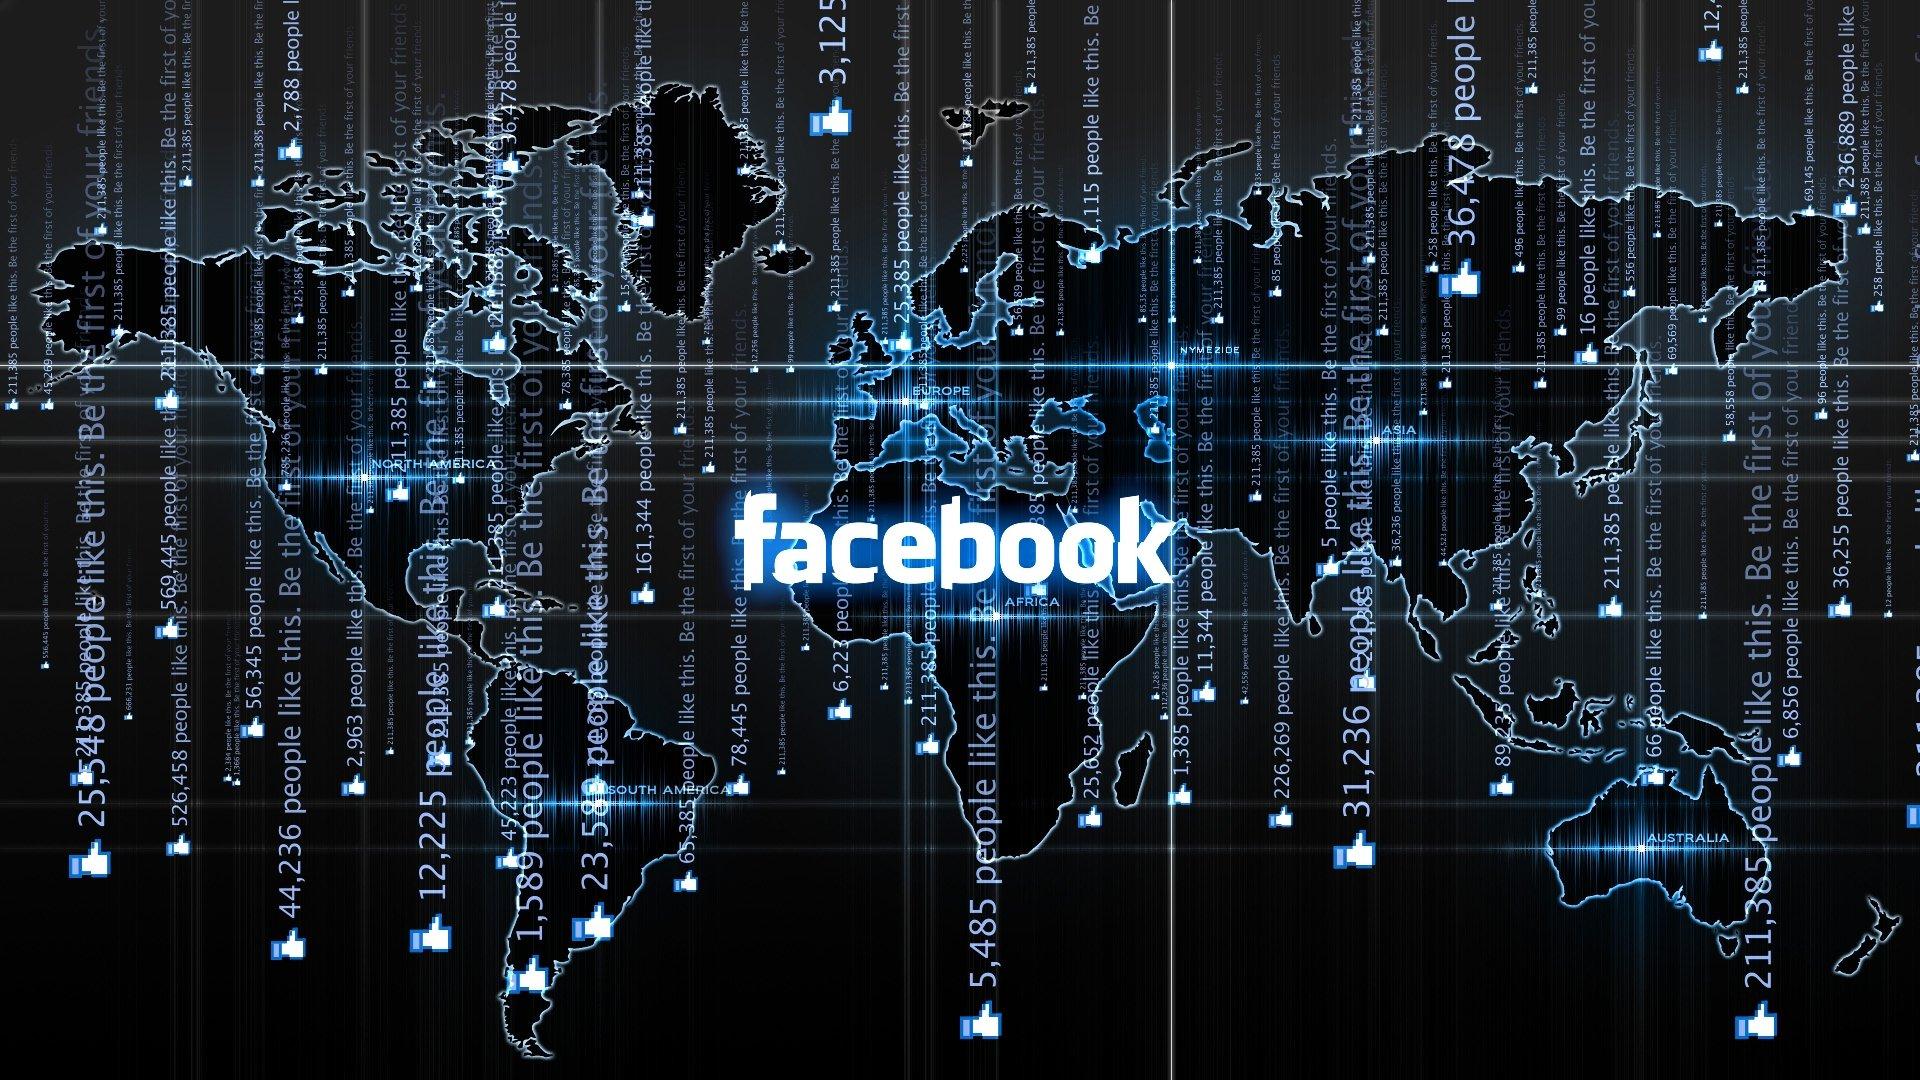 logo do facebook sobre partilha de dados